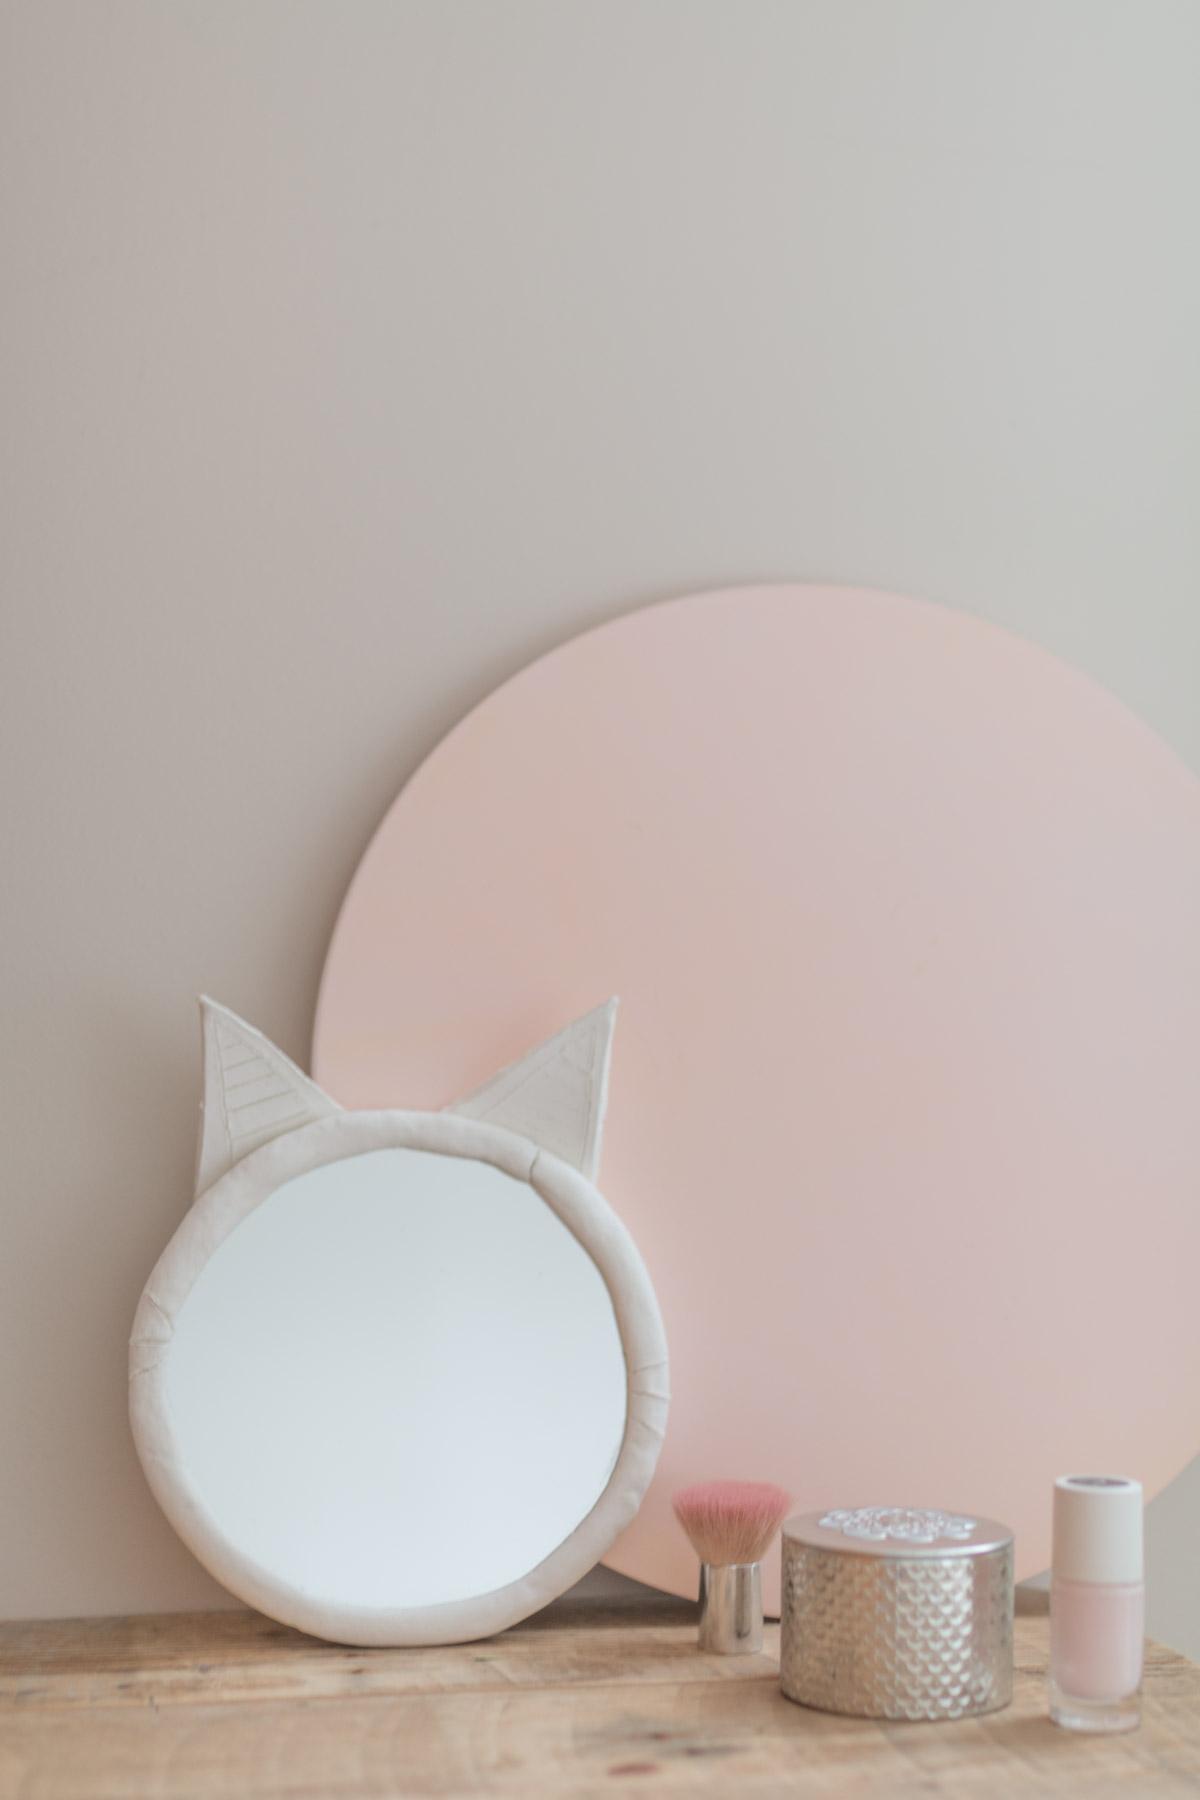 DIY customiser son miroir en chat I Sp4nkblog-17